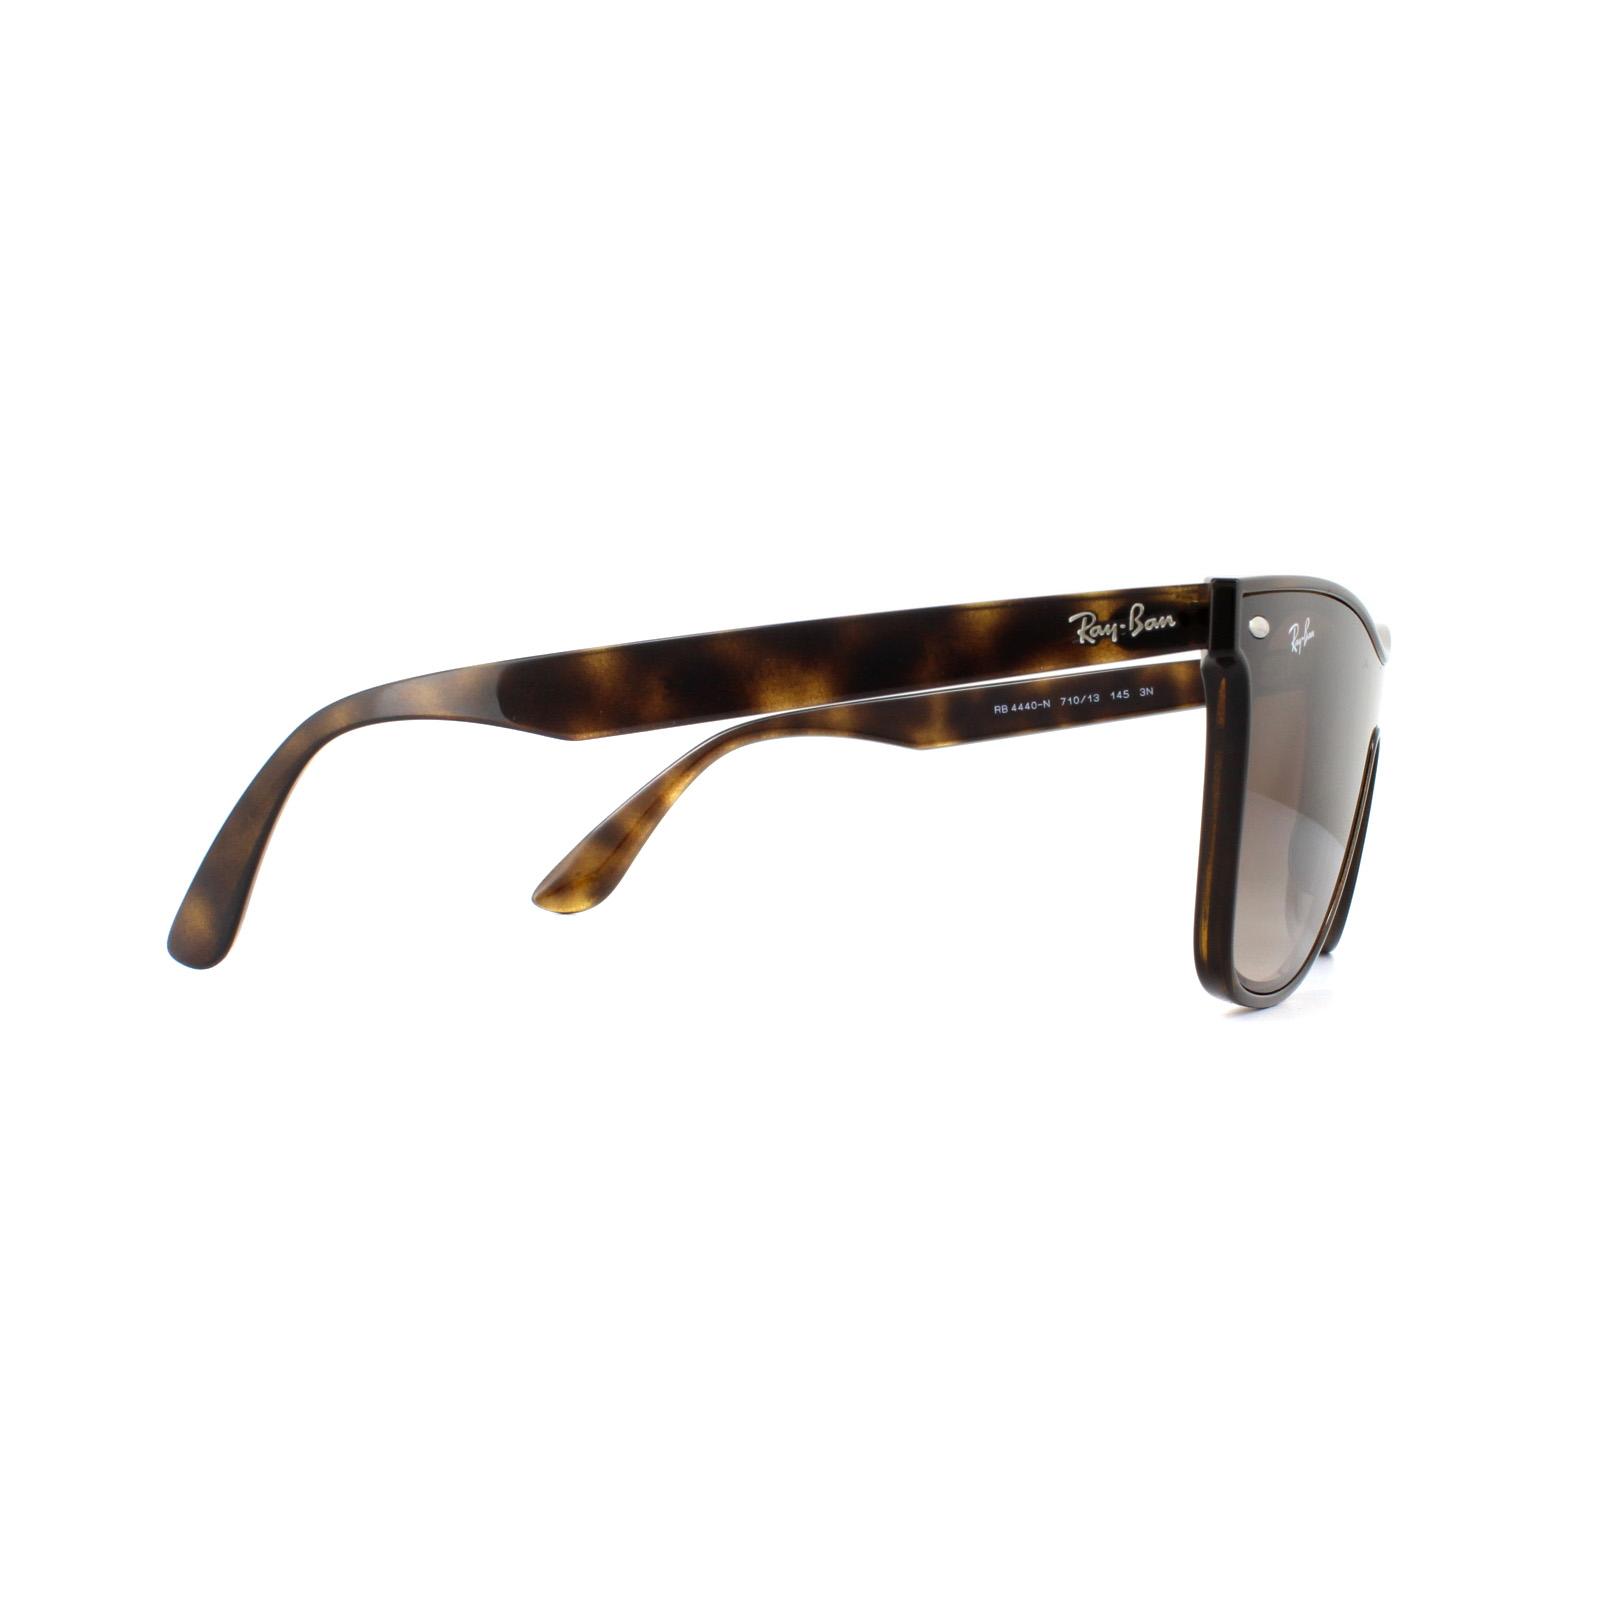 ffd5955d9323a Sentinel Ray-Ban Sunglasses Blaze Wayfarer 4440N 710 13 Light Havana Brown  Gradient